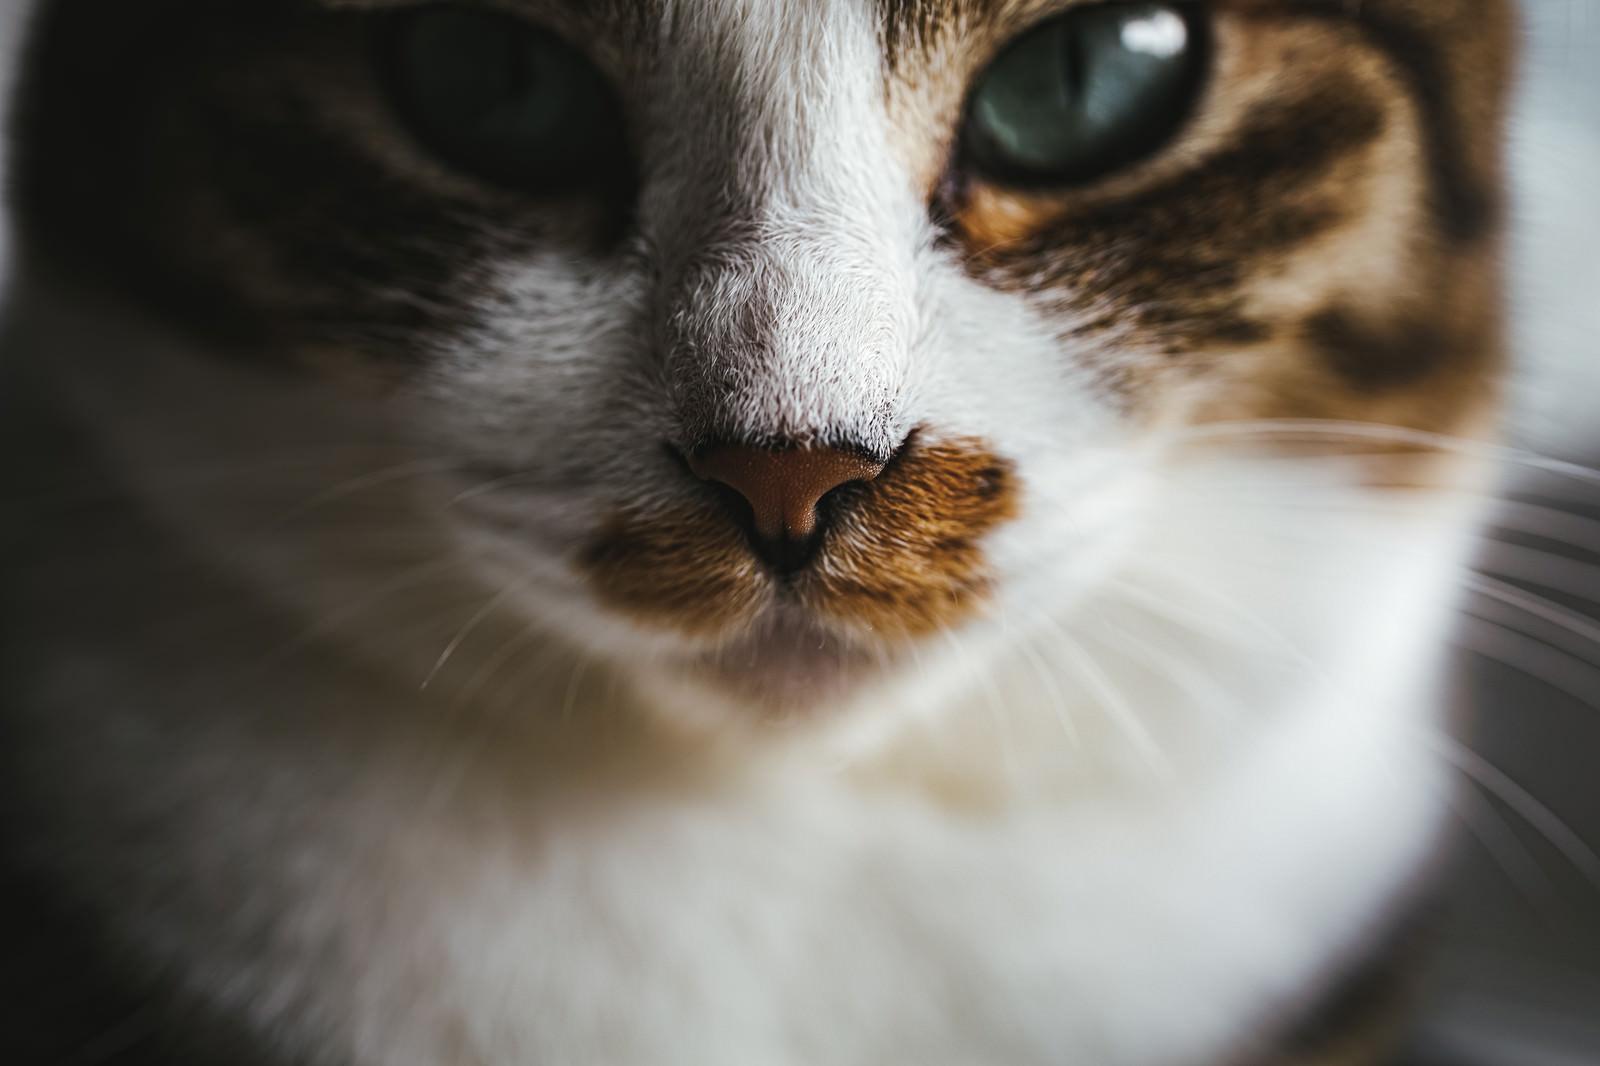 「クソリプに対する冷静な猫さん」の写真